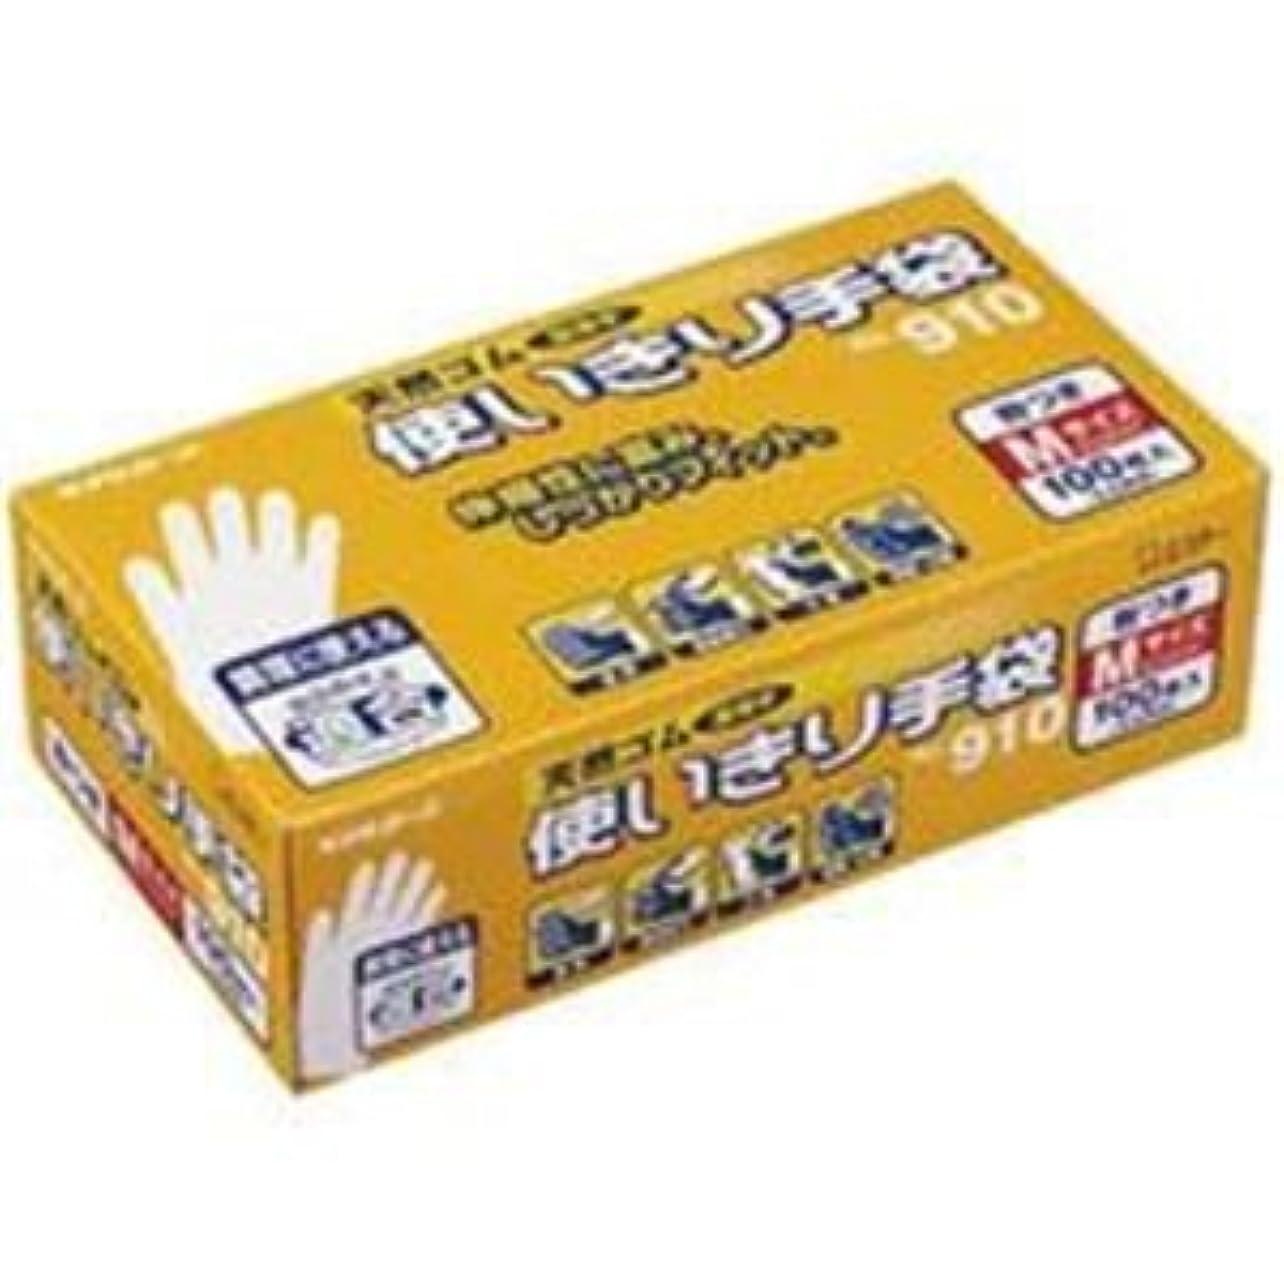 私たちのものヒール本土エステー 天然ゴム使い切り手袋/作業用手袋 [No.910/S 12箱]